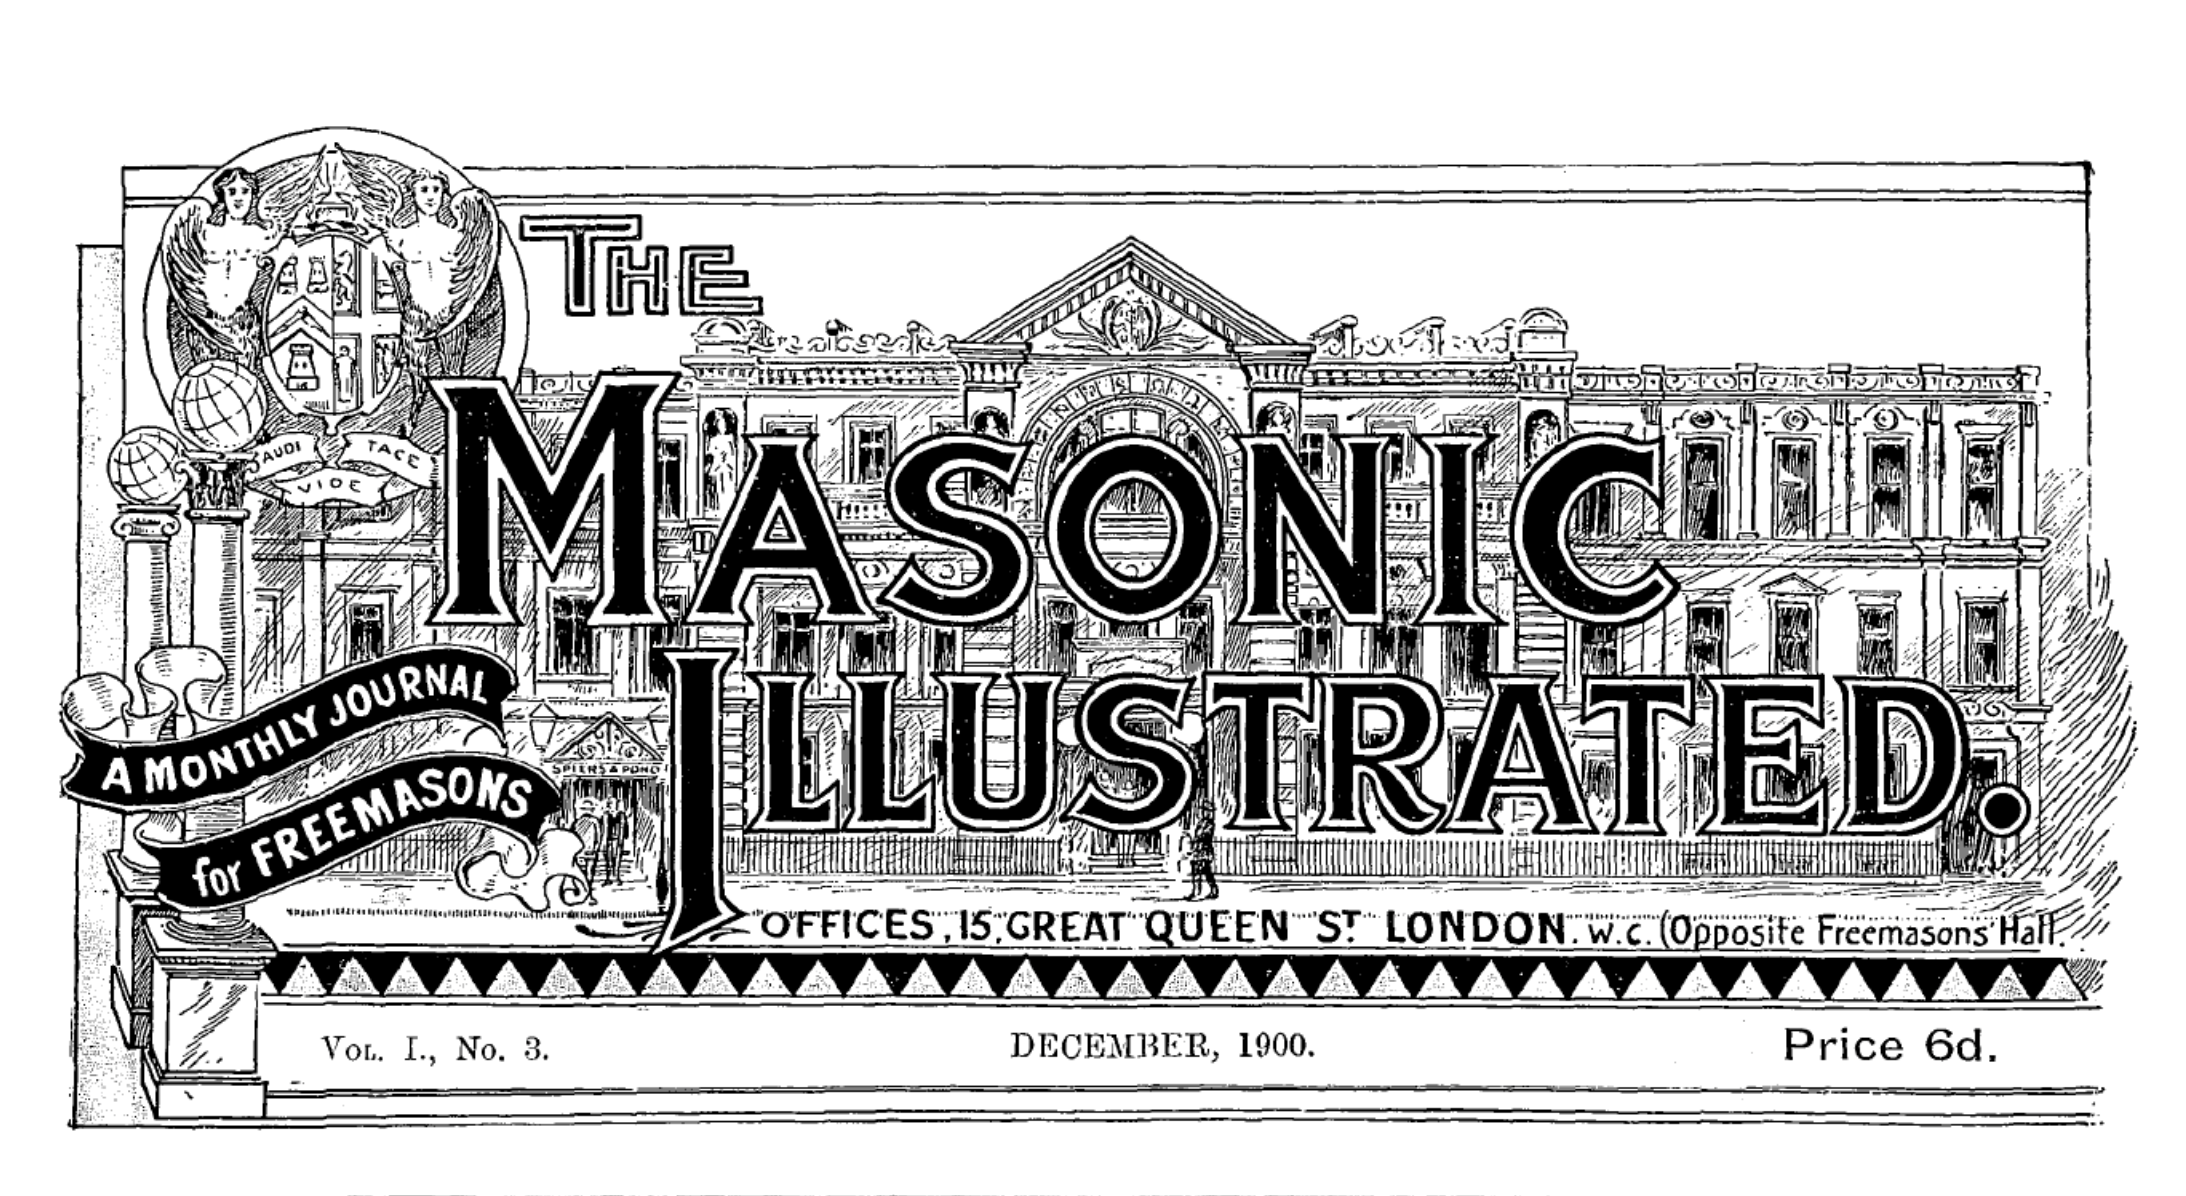 Masonic Periodicals Online